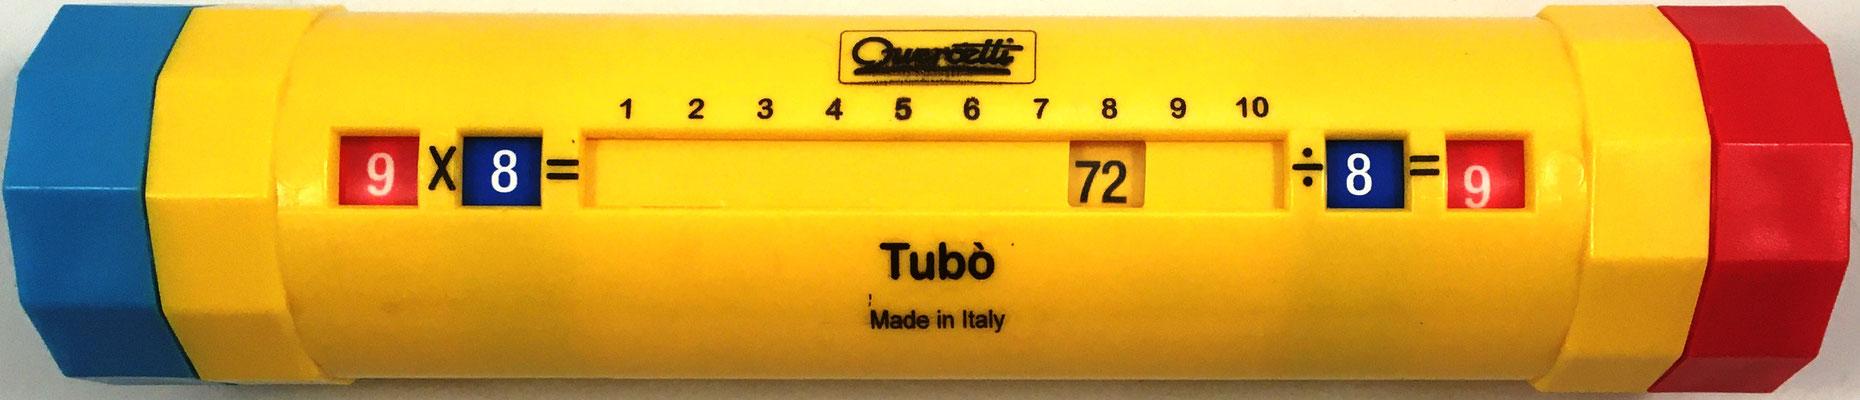 Cilindro multiplicador TUBÒ PITAGORICO, vista en forma producto y cociente